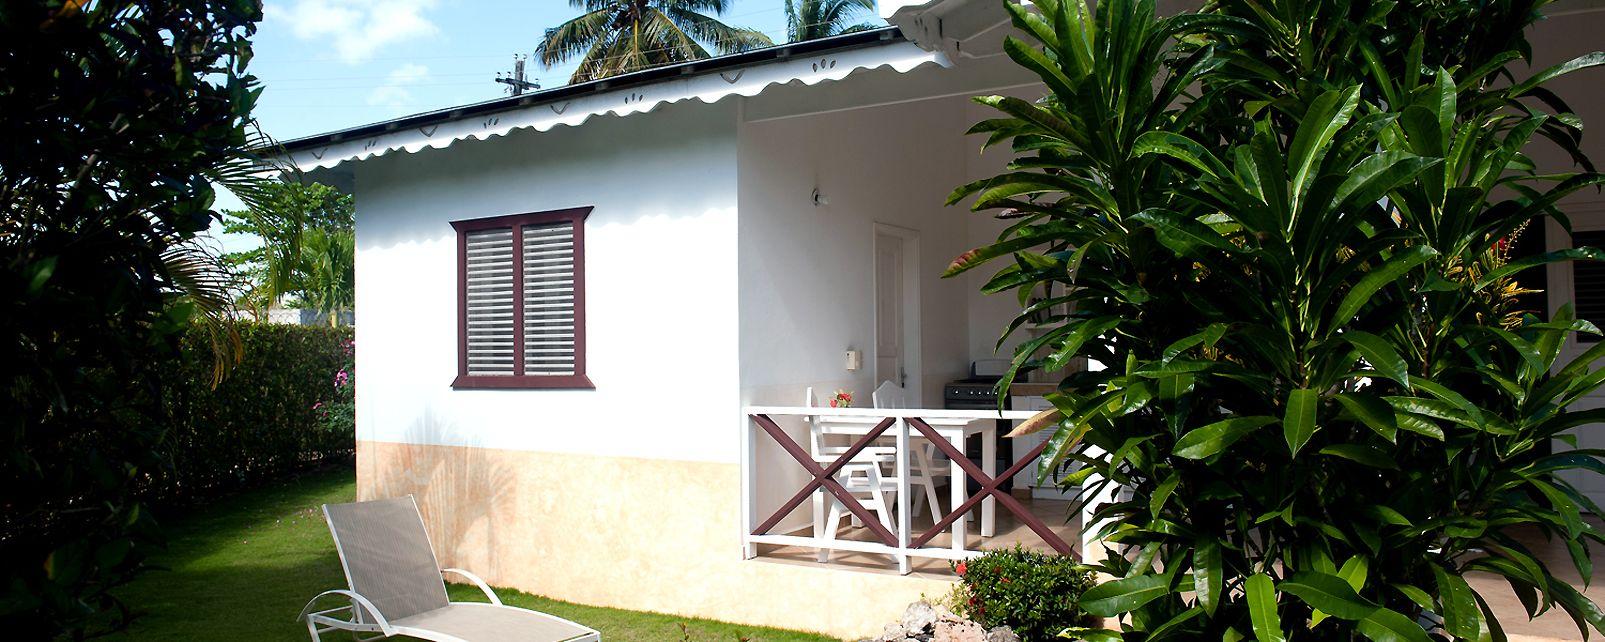 Hotel villas mariposas in las terrenas dominican republic for Villas las mariposas